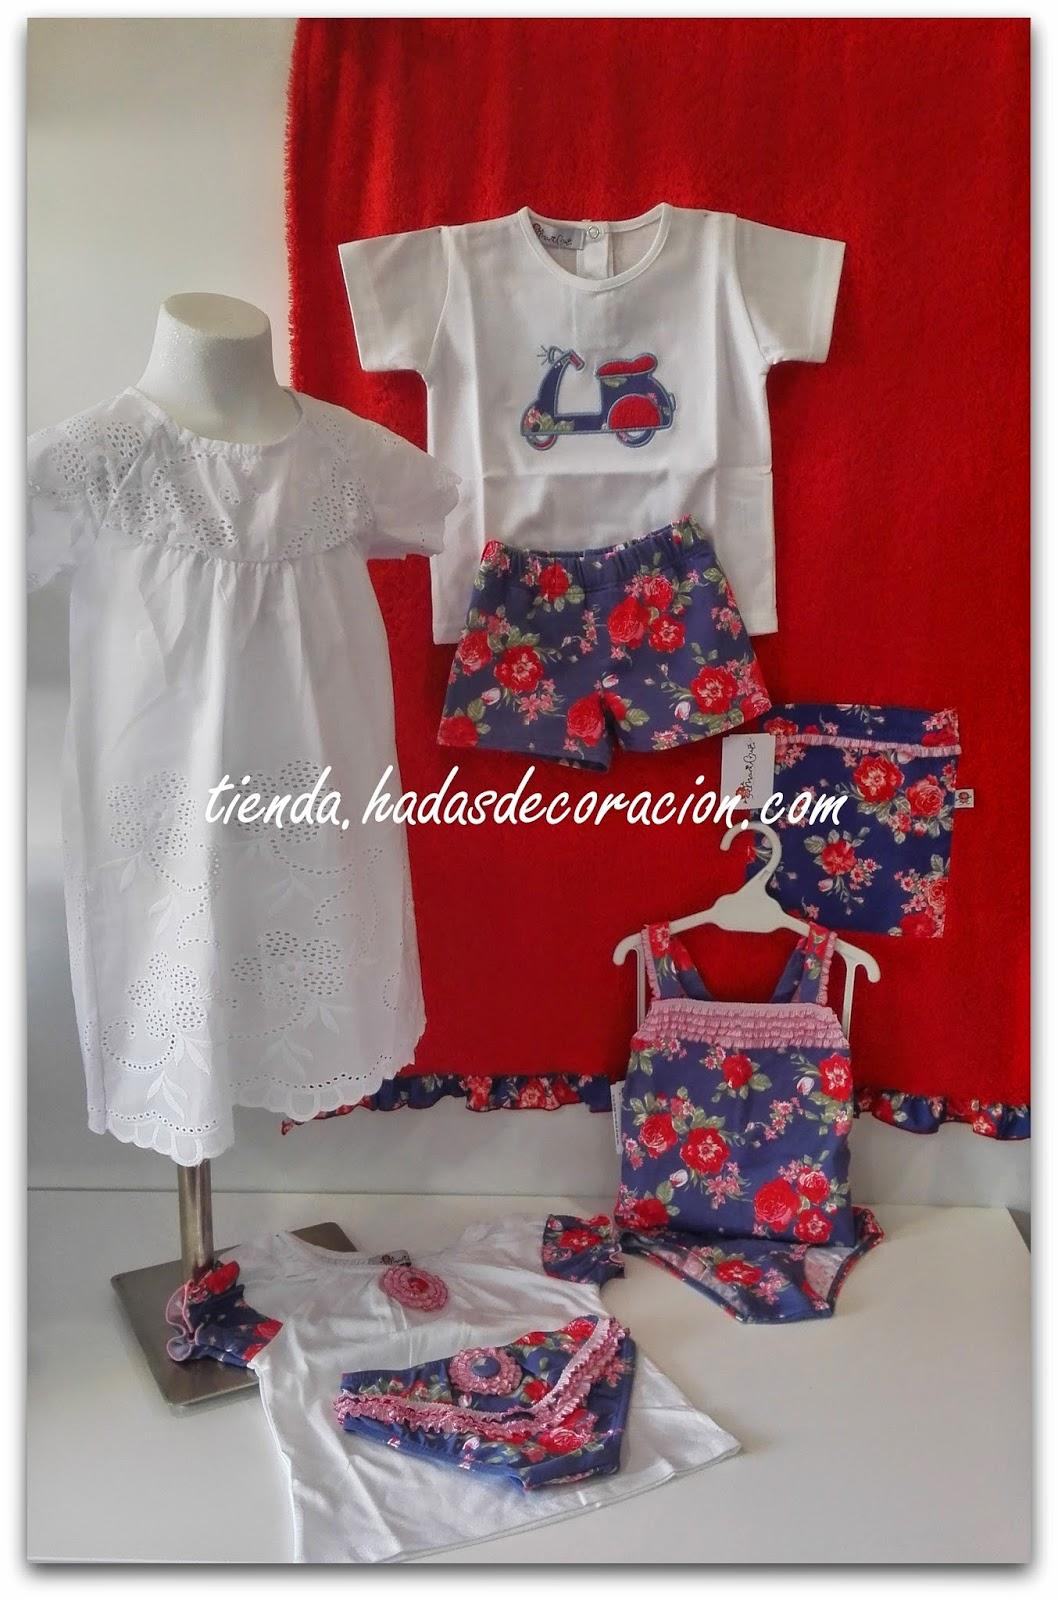 Hadas moda y decoracion infantil ba o maricruz - Maricruz bano ...